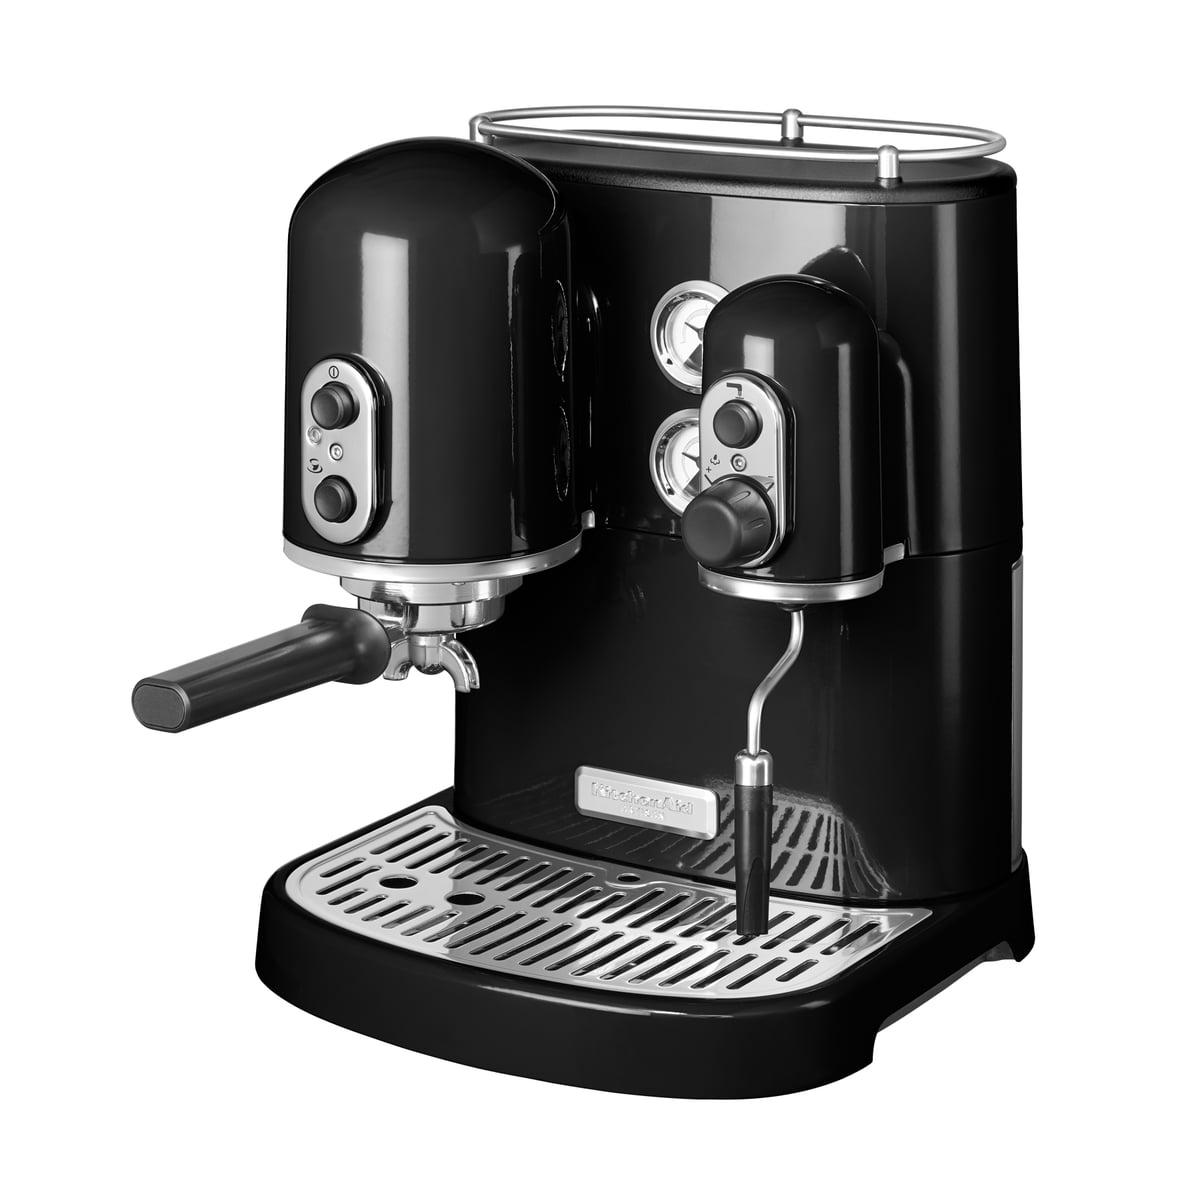 Kitchen Aid KitchenAid - Artisan Espressomaschine, onyx schwarz | Küche und Esszimmer > Kaffee und Tee > Espressomaschinen | Schwarz | Kitchen Aid